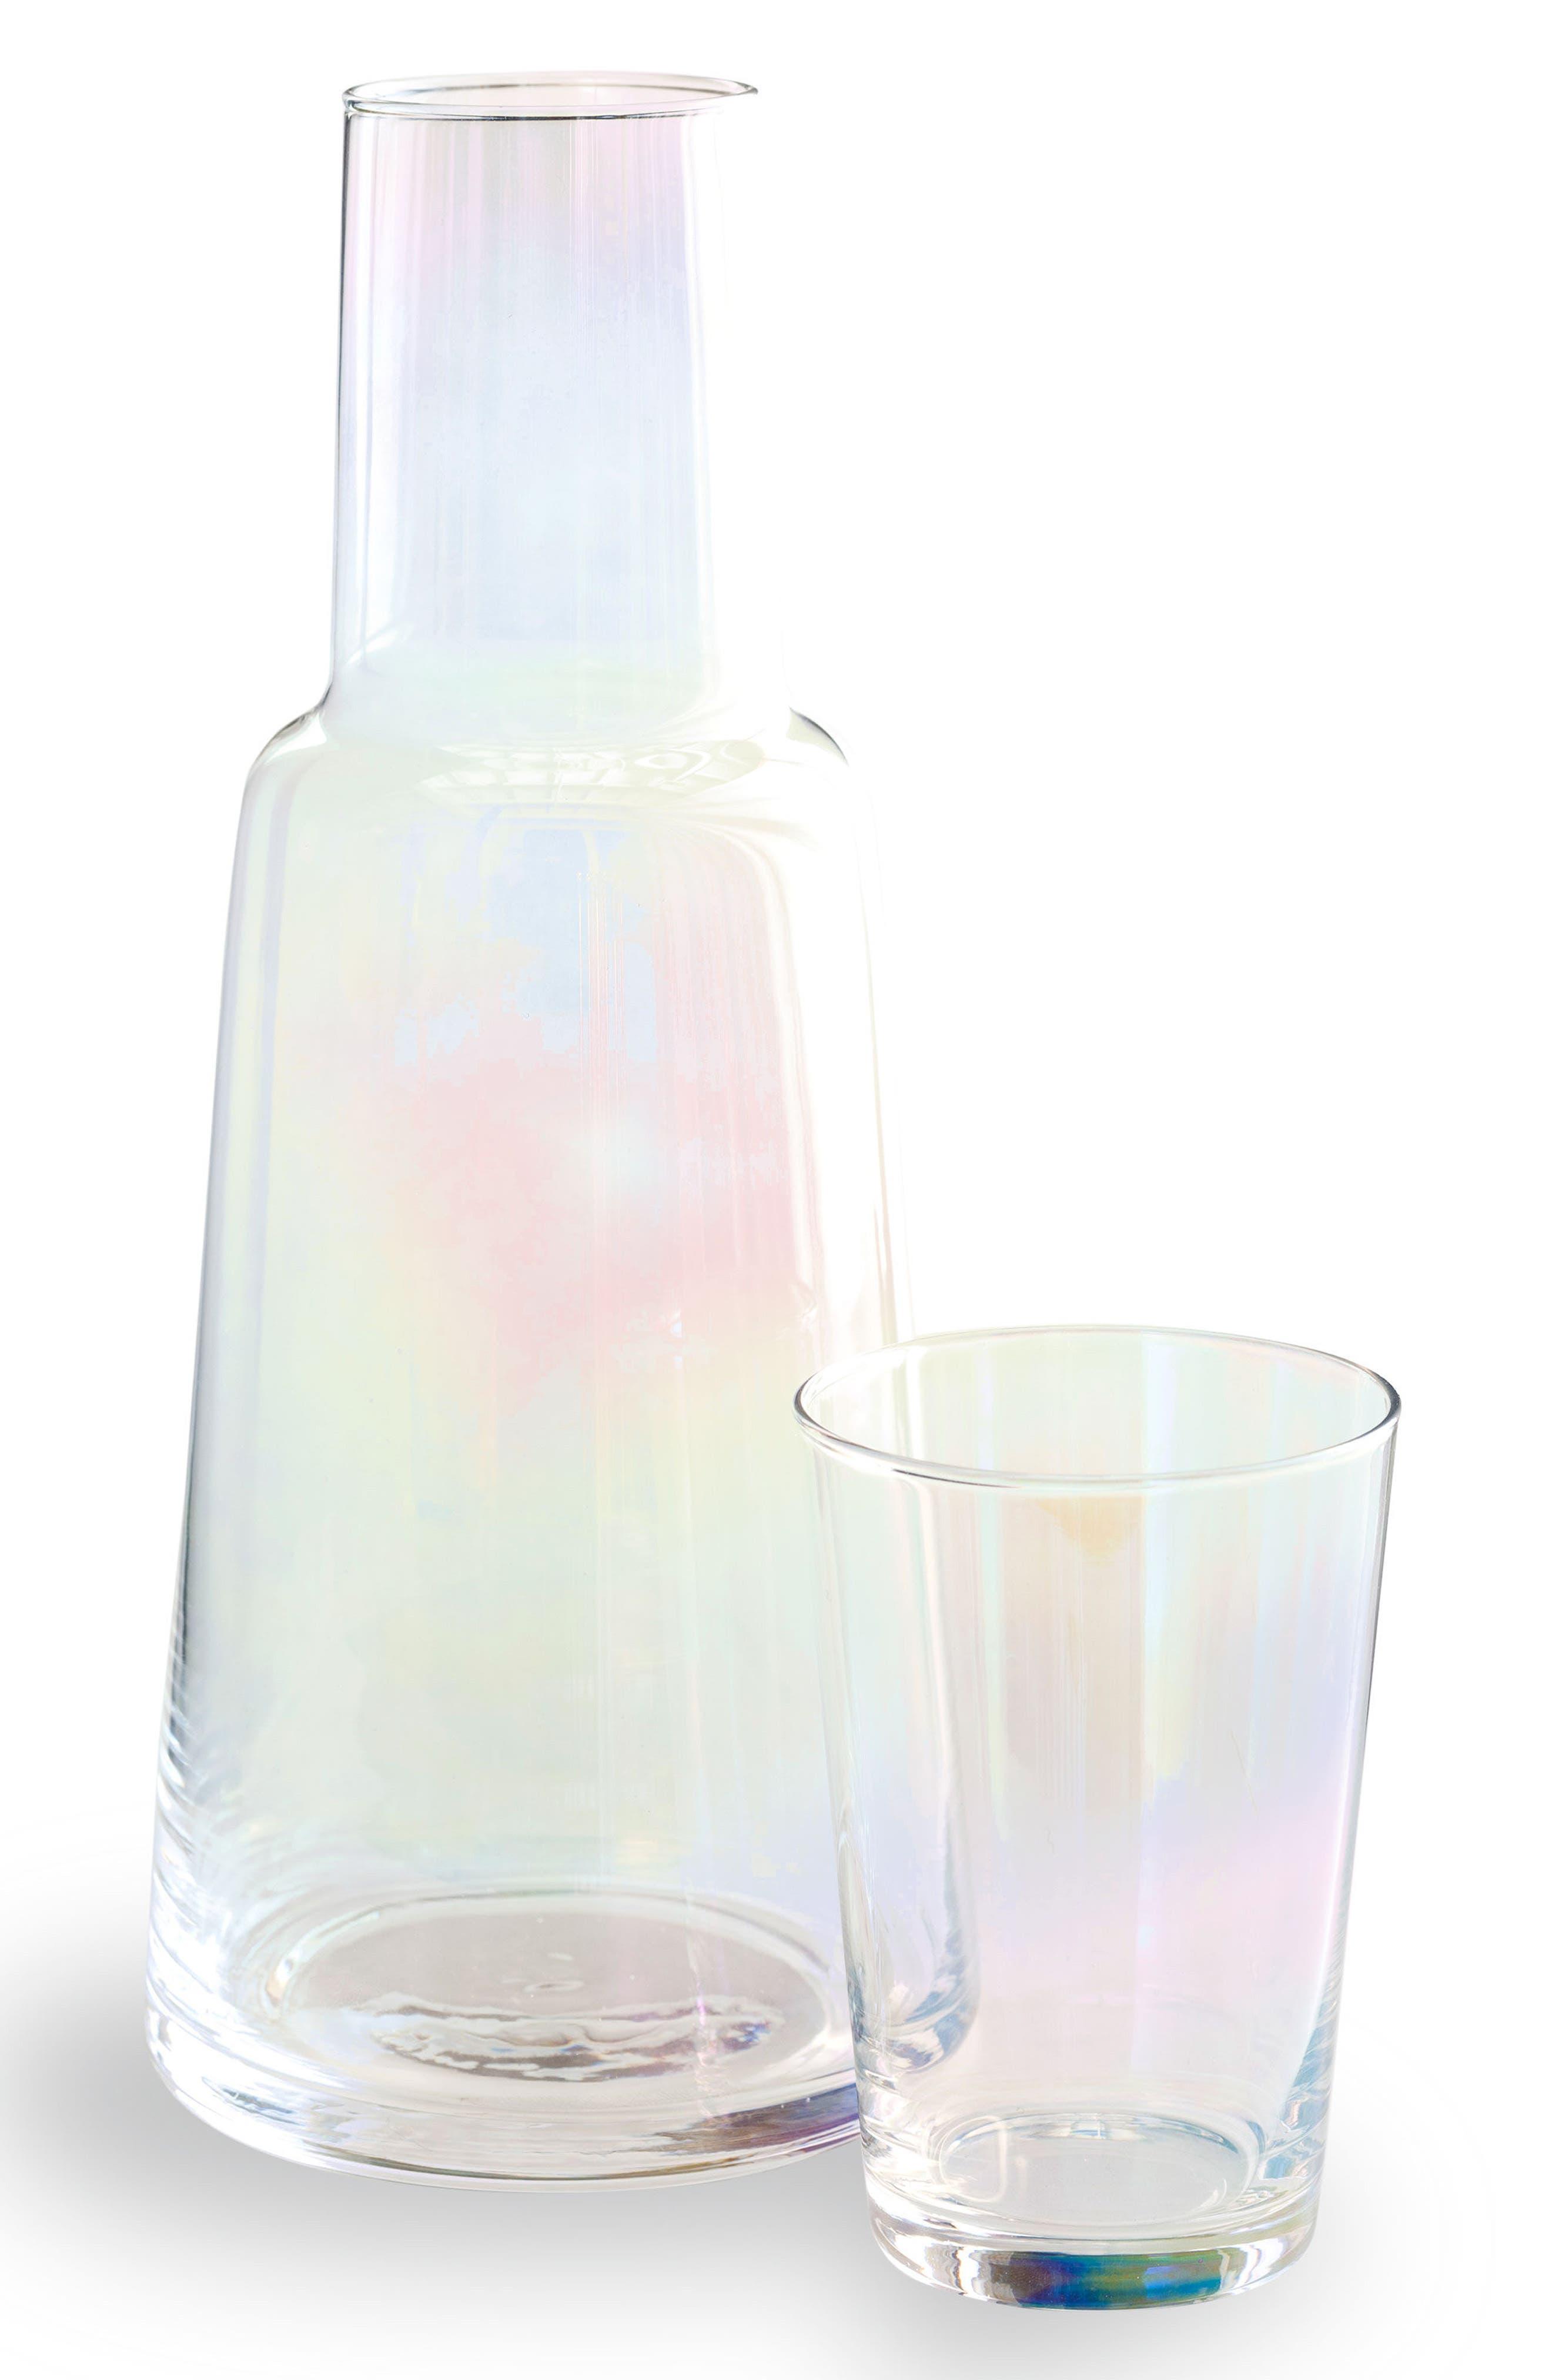 Rosanna Iridescent Glass Carafe & Cup